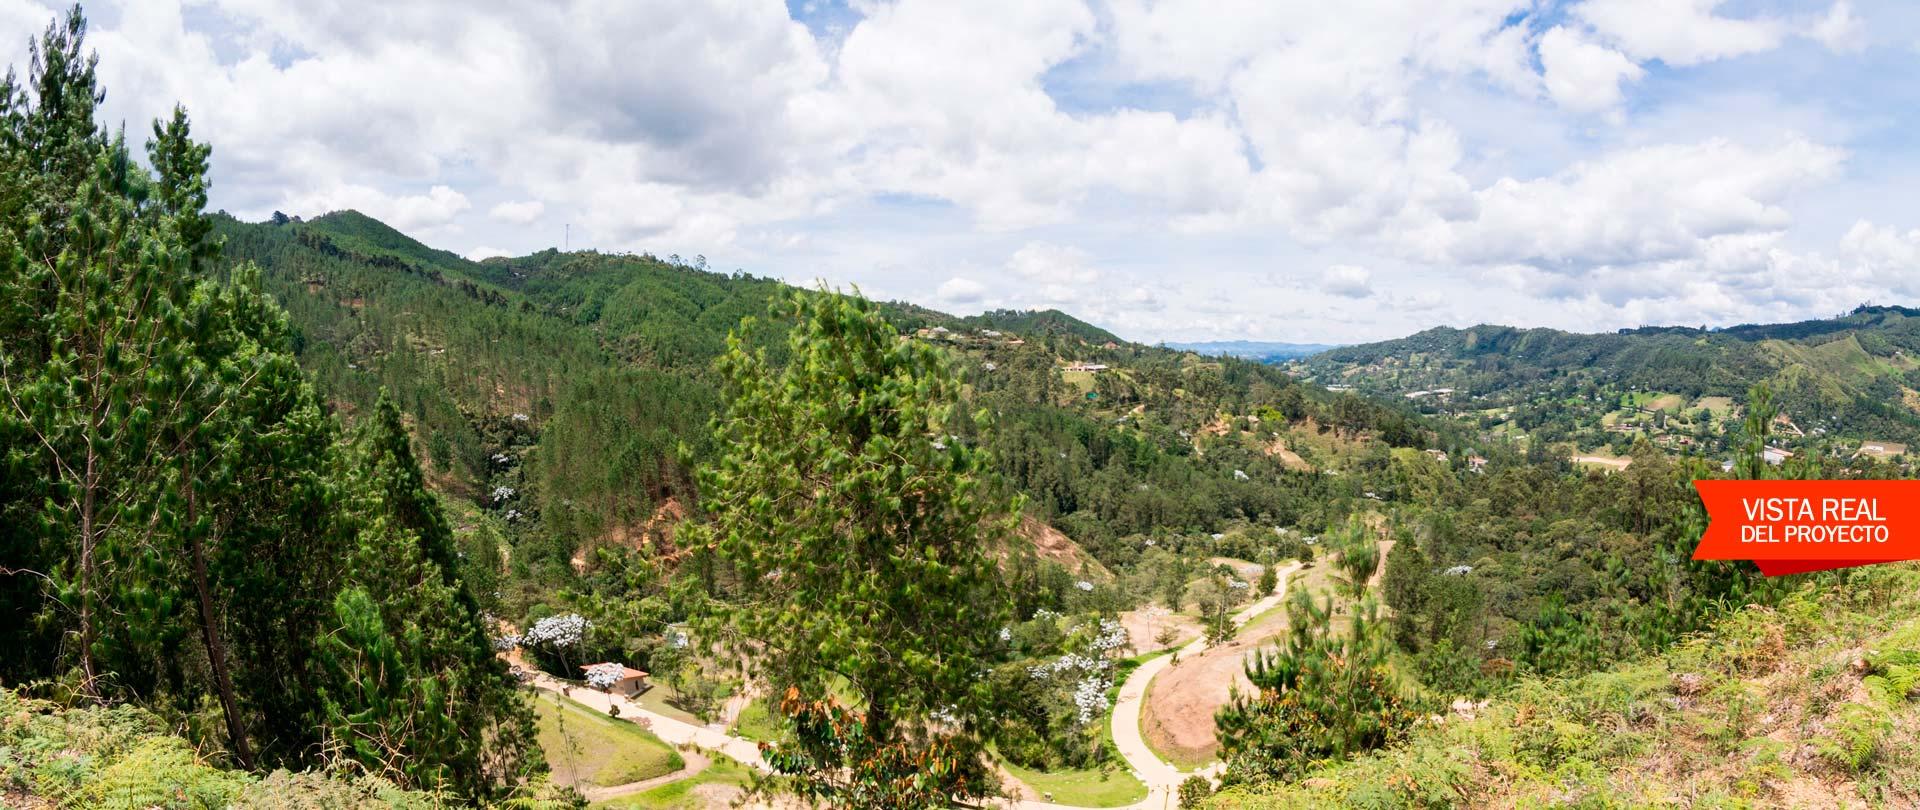 Juanito Laguna Slide